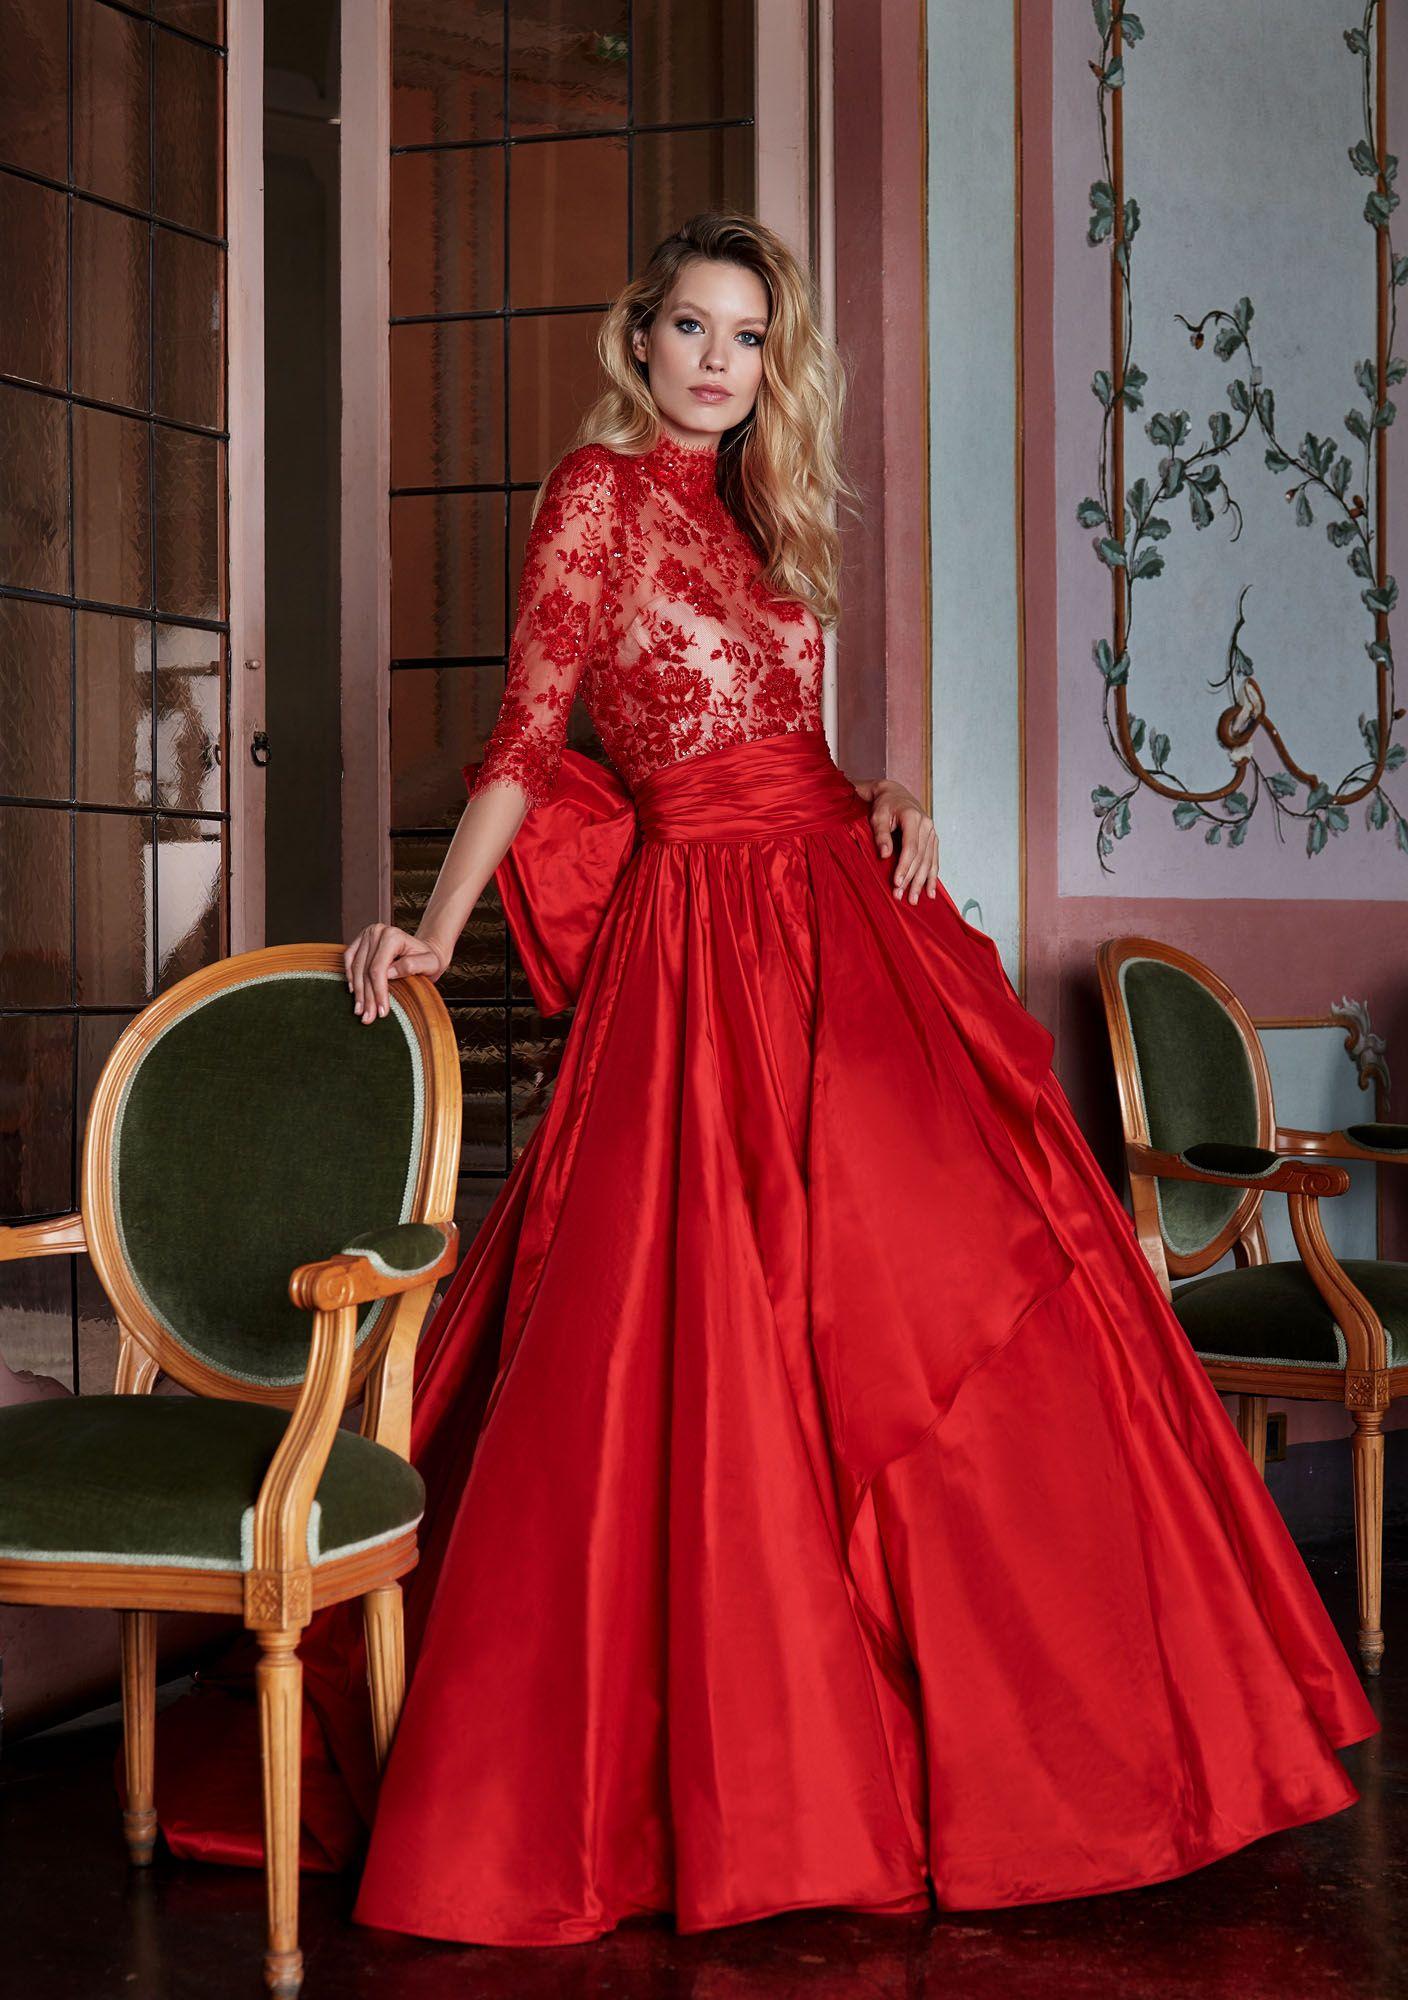 f8bd2169c9b8 MODELLO 1816 Strepitoso abito da sposa rosso in taffettà con bustino in  prezioso pizzo francese ricamato